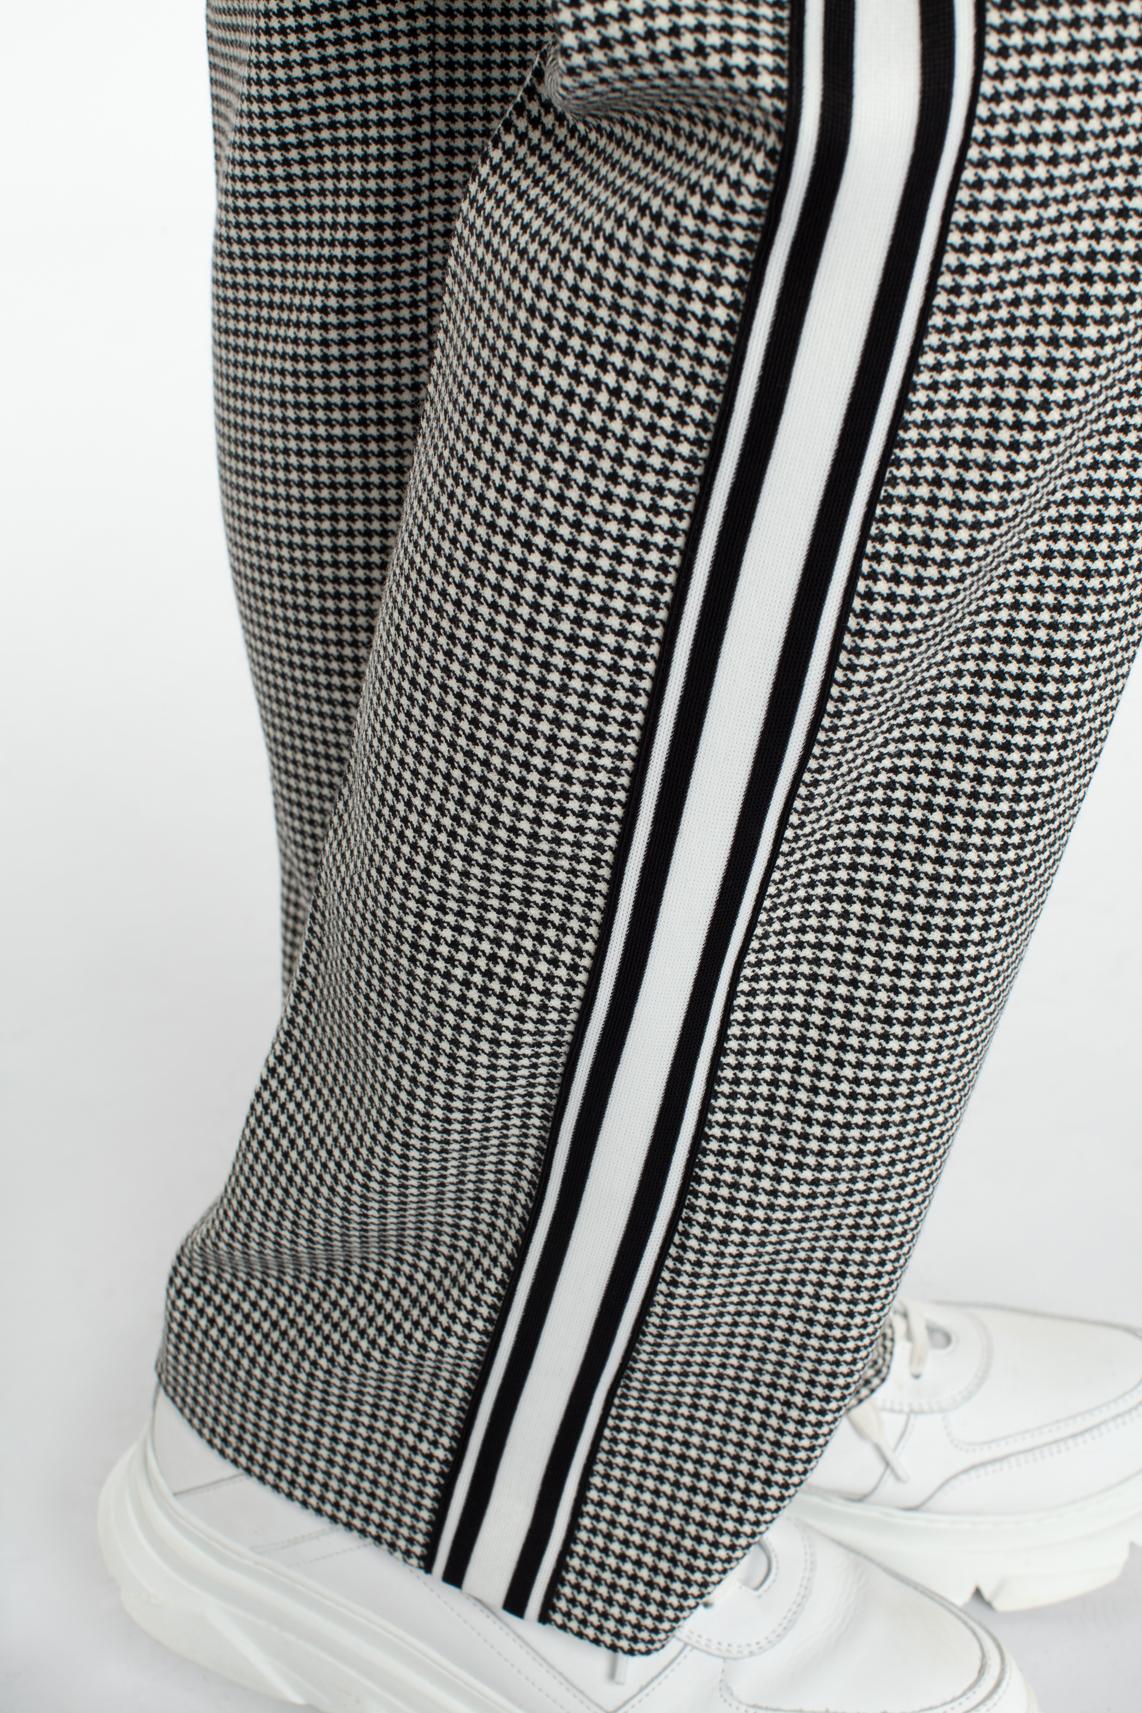 Anna Dames Pied-de-poule pantalon zwart